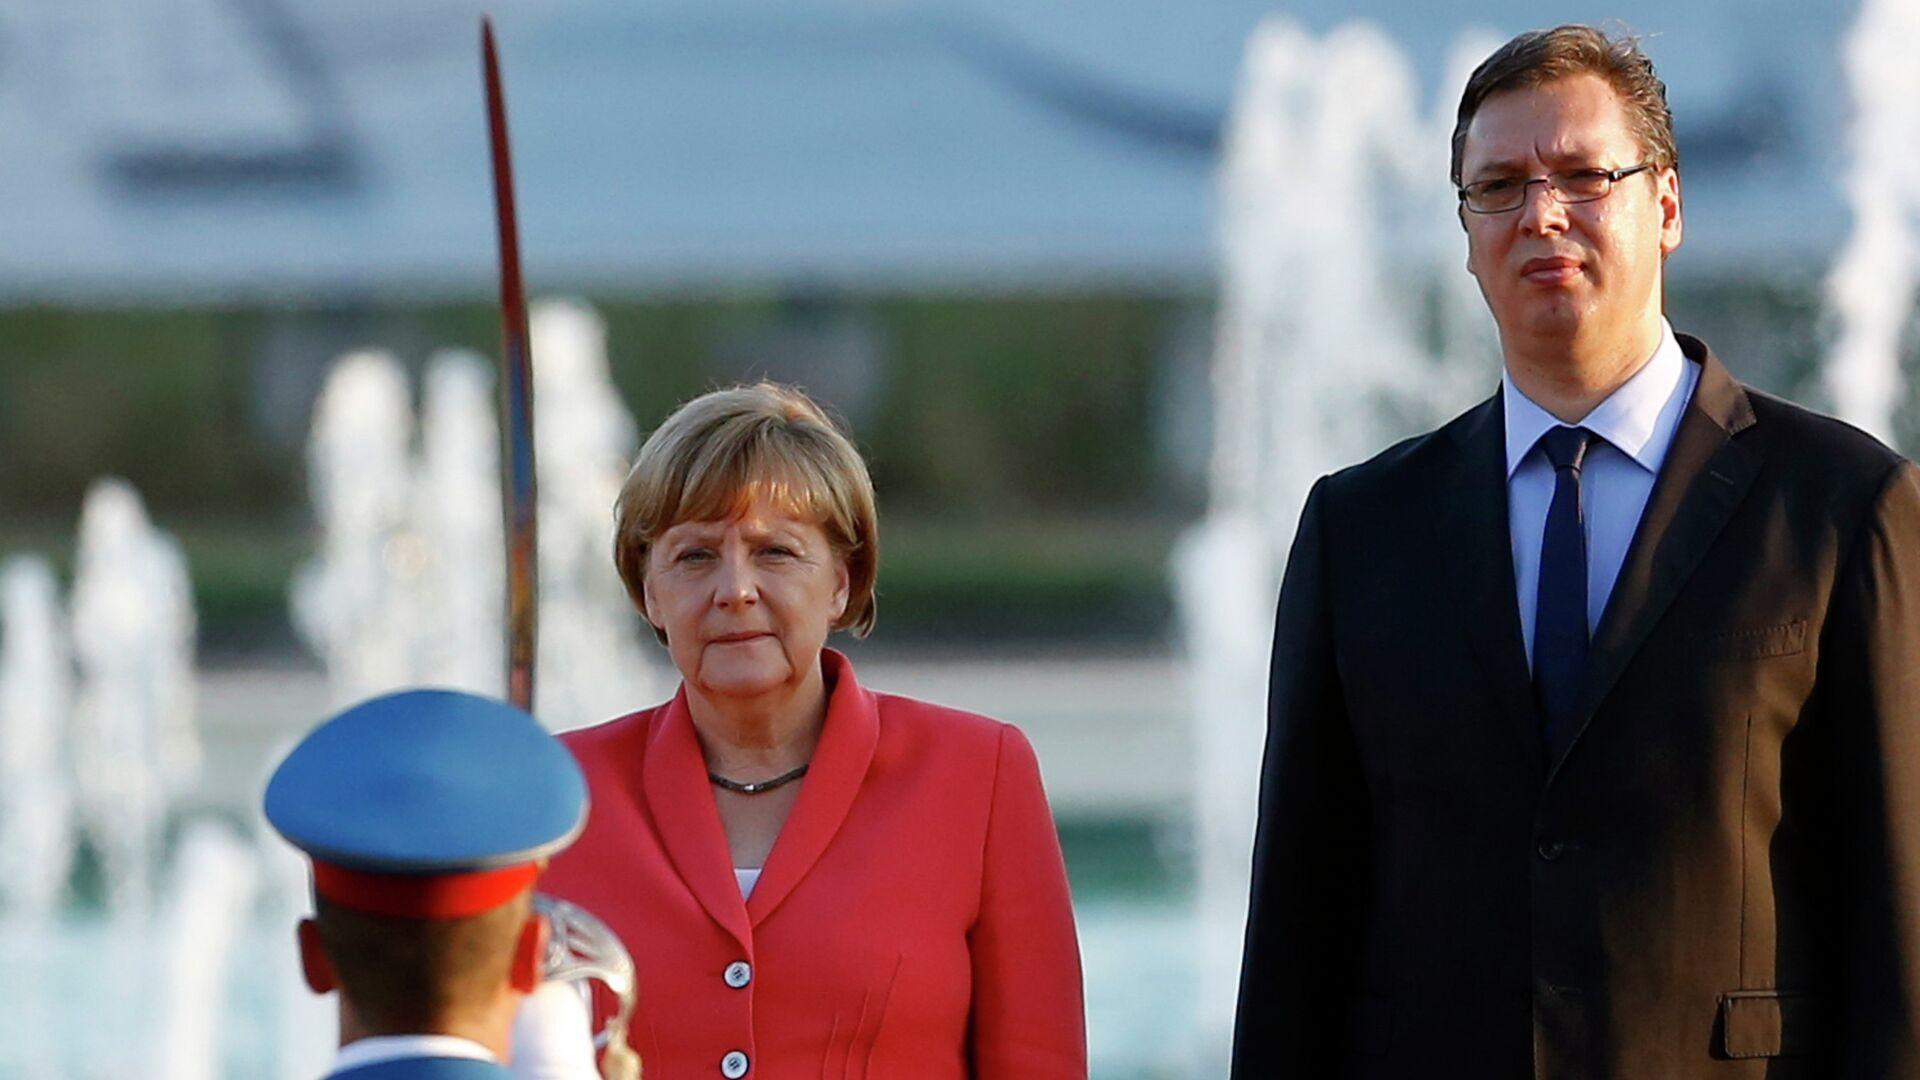 Premijer Srbije Aleksandar Vučić sa nemačkom kancelarkom Angelom Merkel tokom susreta u Beogradu - Sputnik Srbija, 1920, 12.09.2021